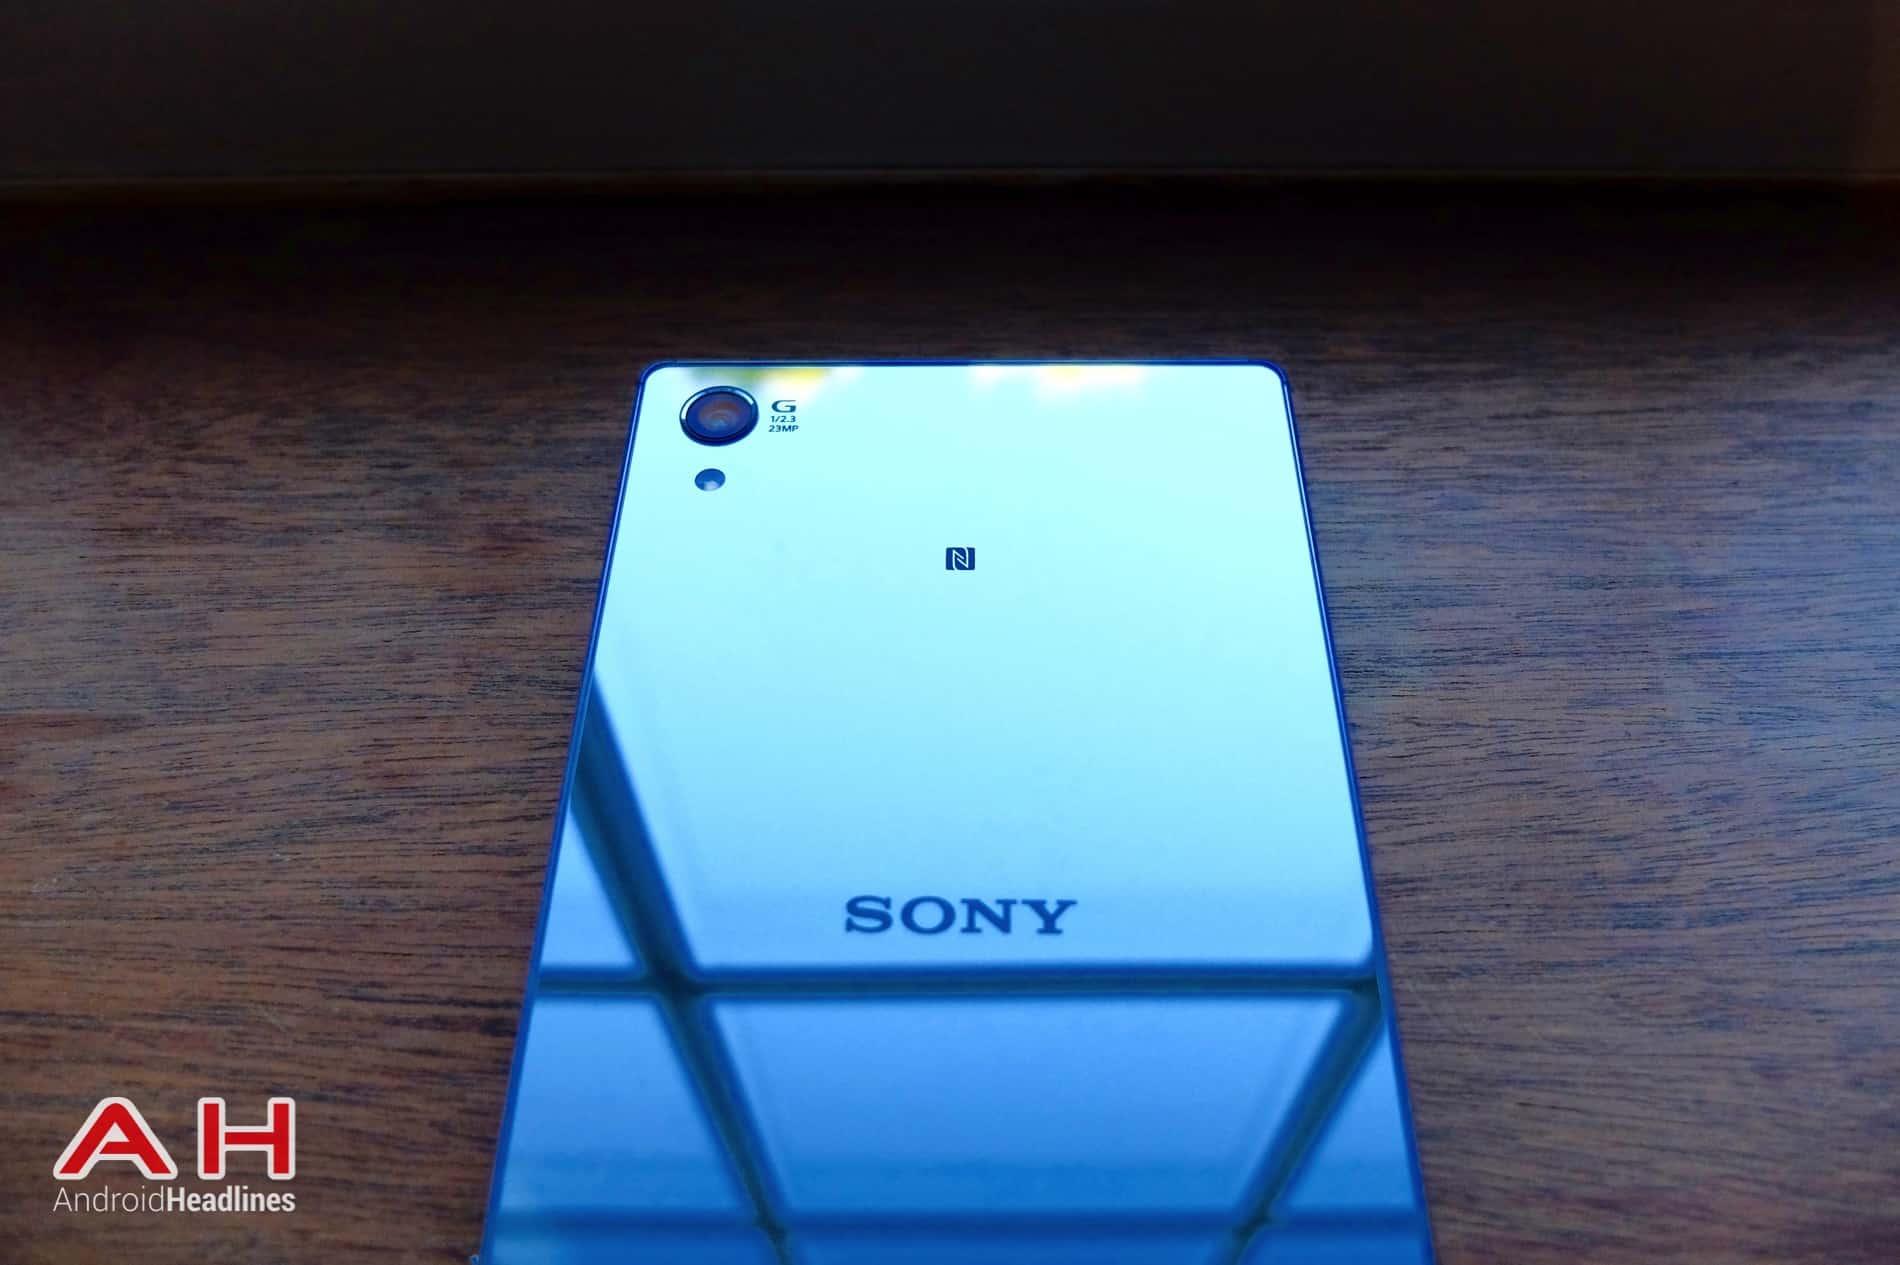 Sony Xperia Z5 Premium AH 17